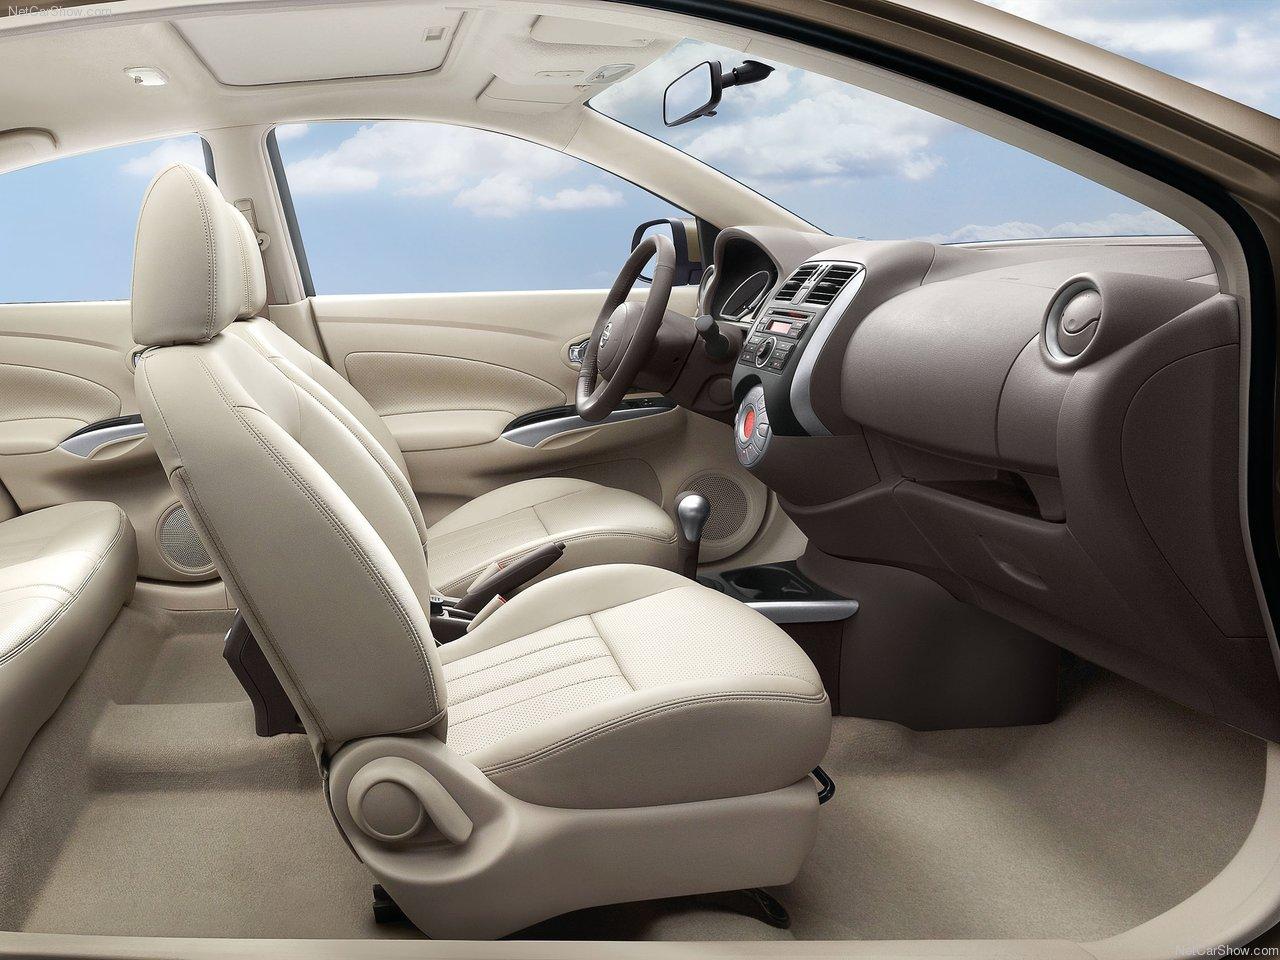 http://2.bp.blogspot.com/_lsyt_wQ2awY/TRBppmMxLzI/AAAAAAACIVg/U5Rbe_mdask/s1600/Nissan-Sunny_2012_1280x960_wallpaper_05.jpg